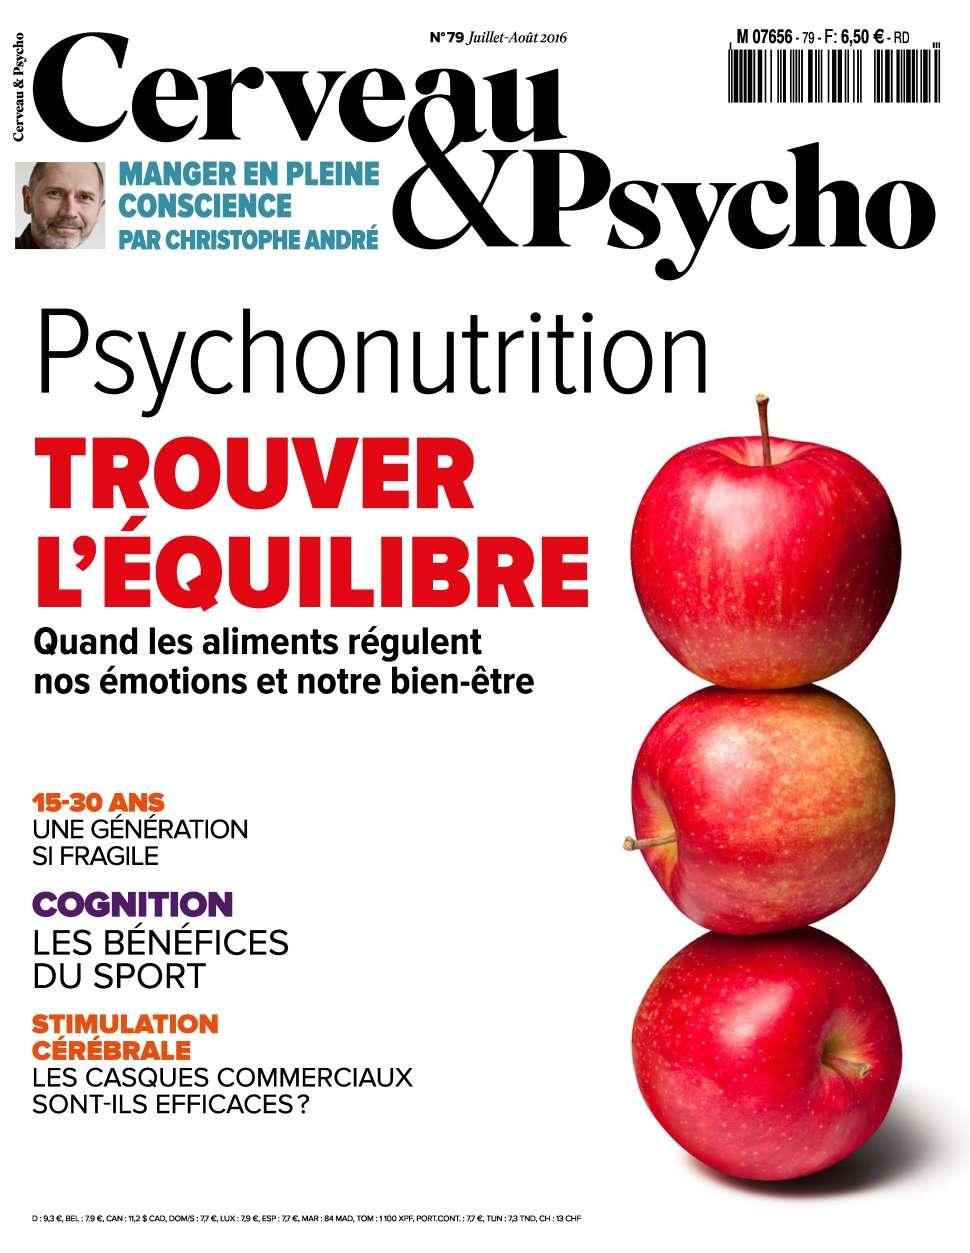 Cerveau & Psycho 79 - Juillet/Aout 2016